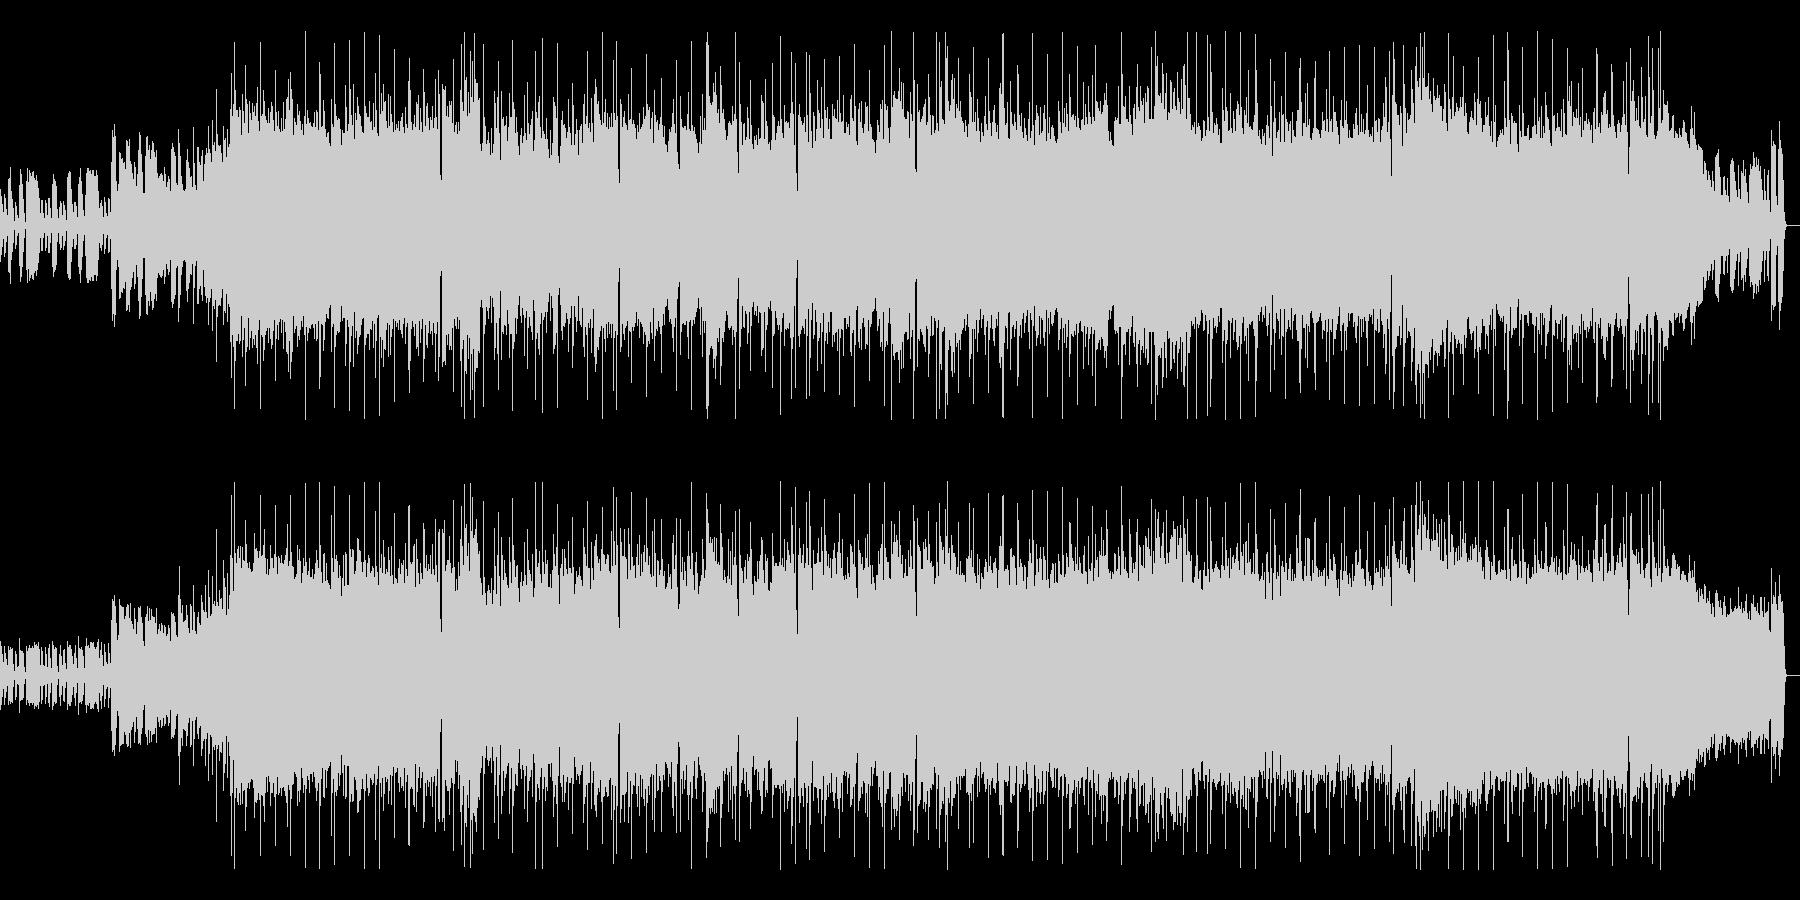 インパクトあるギター旋律のロックポップの未再生の波形